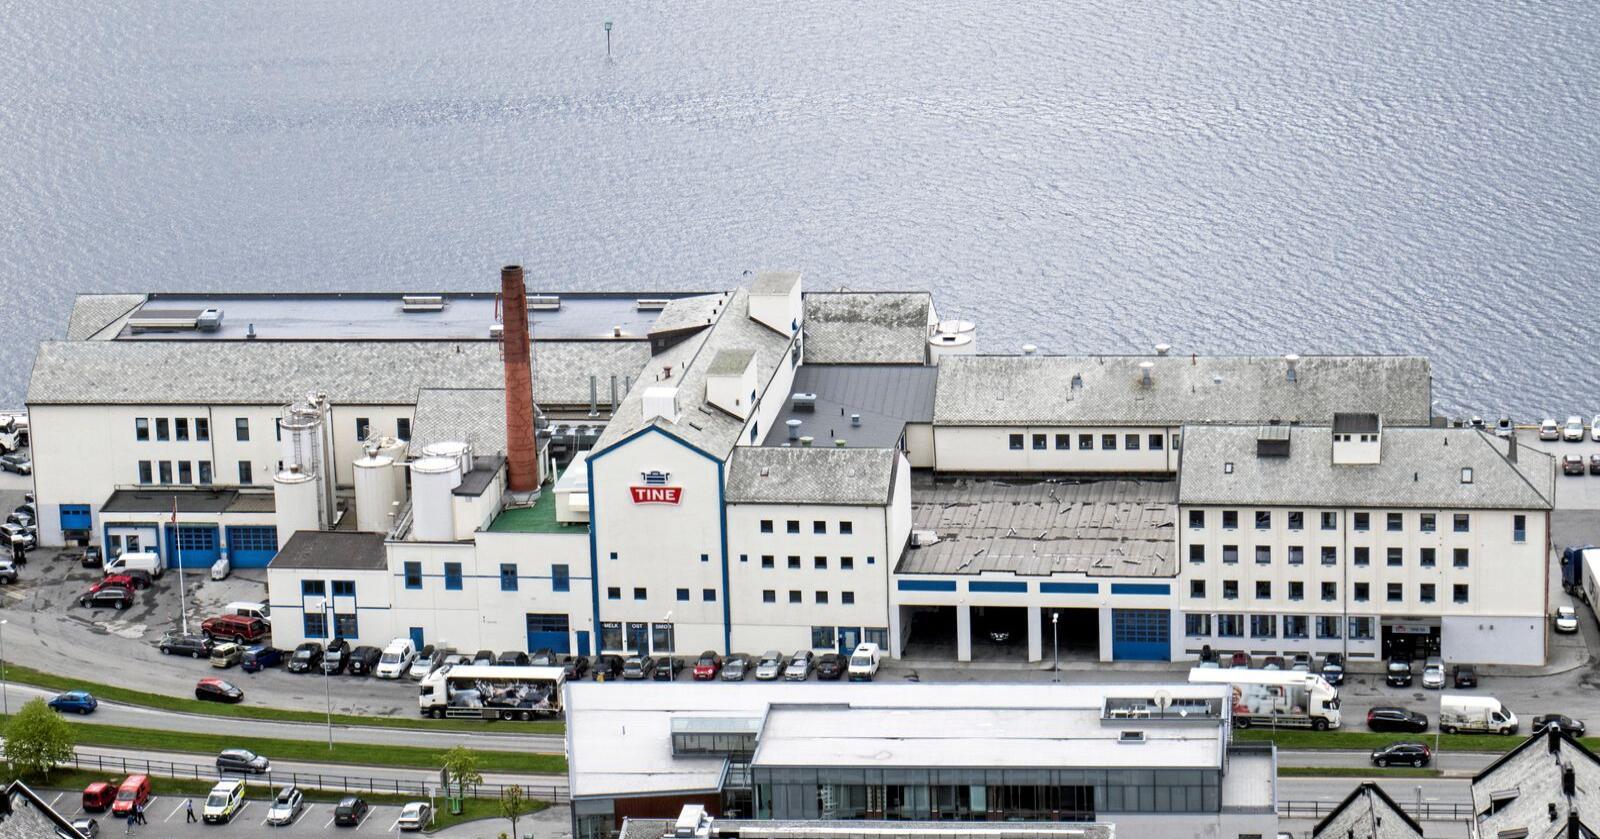 Tines meieri i Ålesund er ett av de 34 gjenværende meierier og terminaler Tine har. Foto: Paul Kleiven / NTB